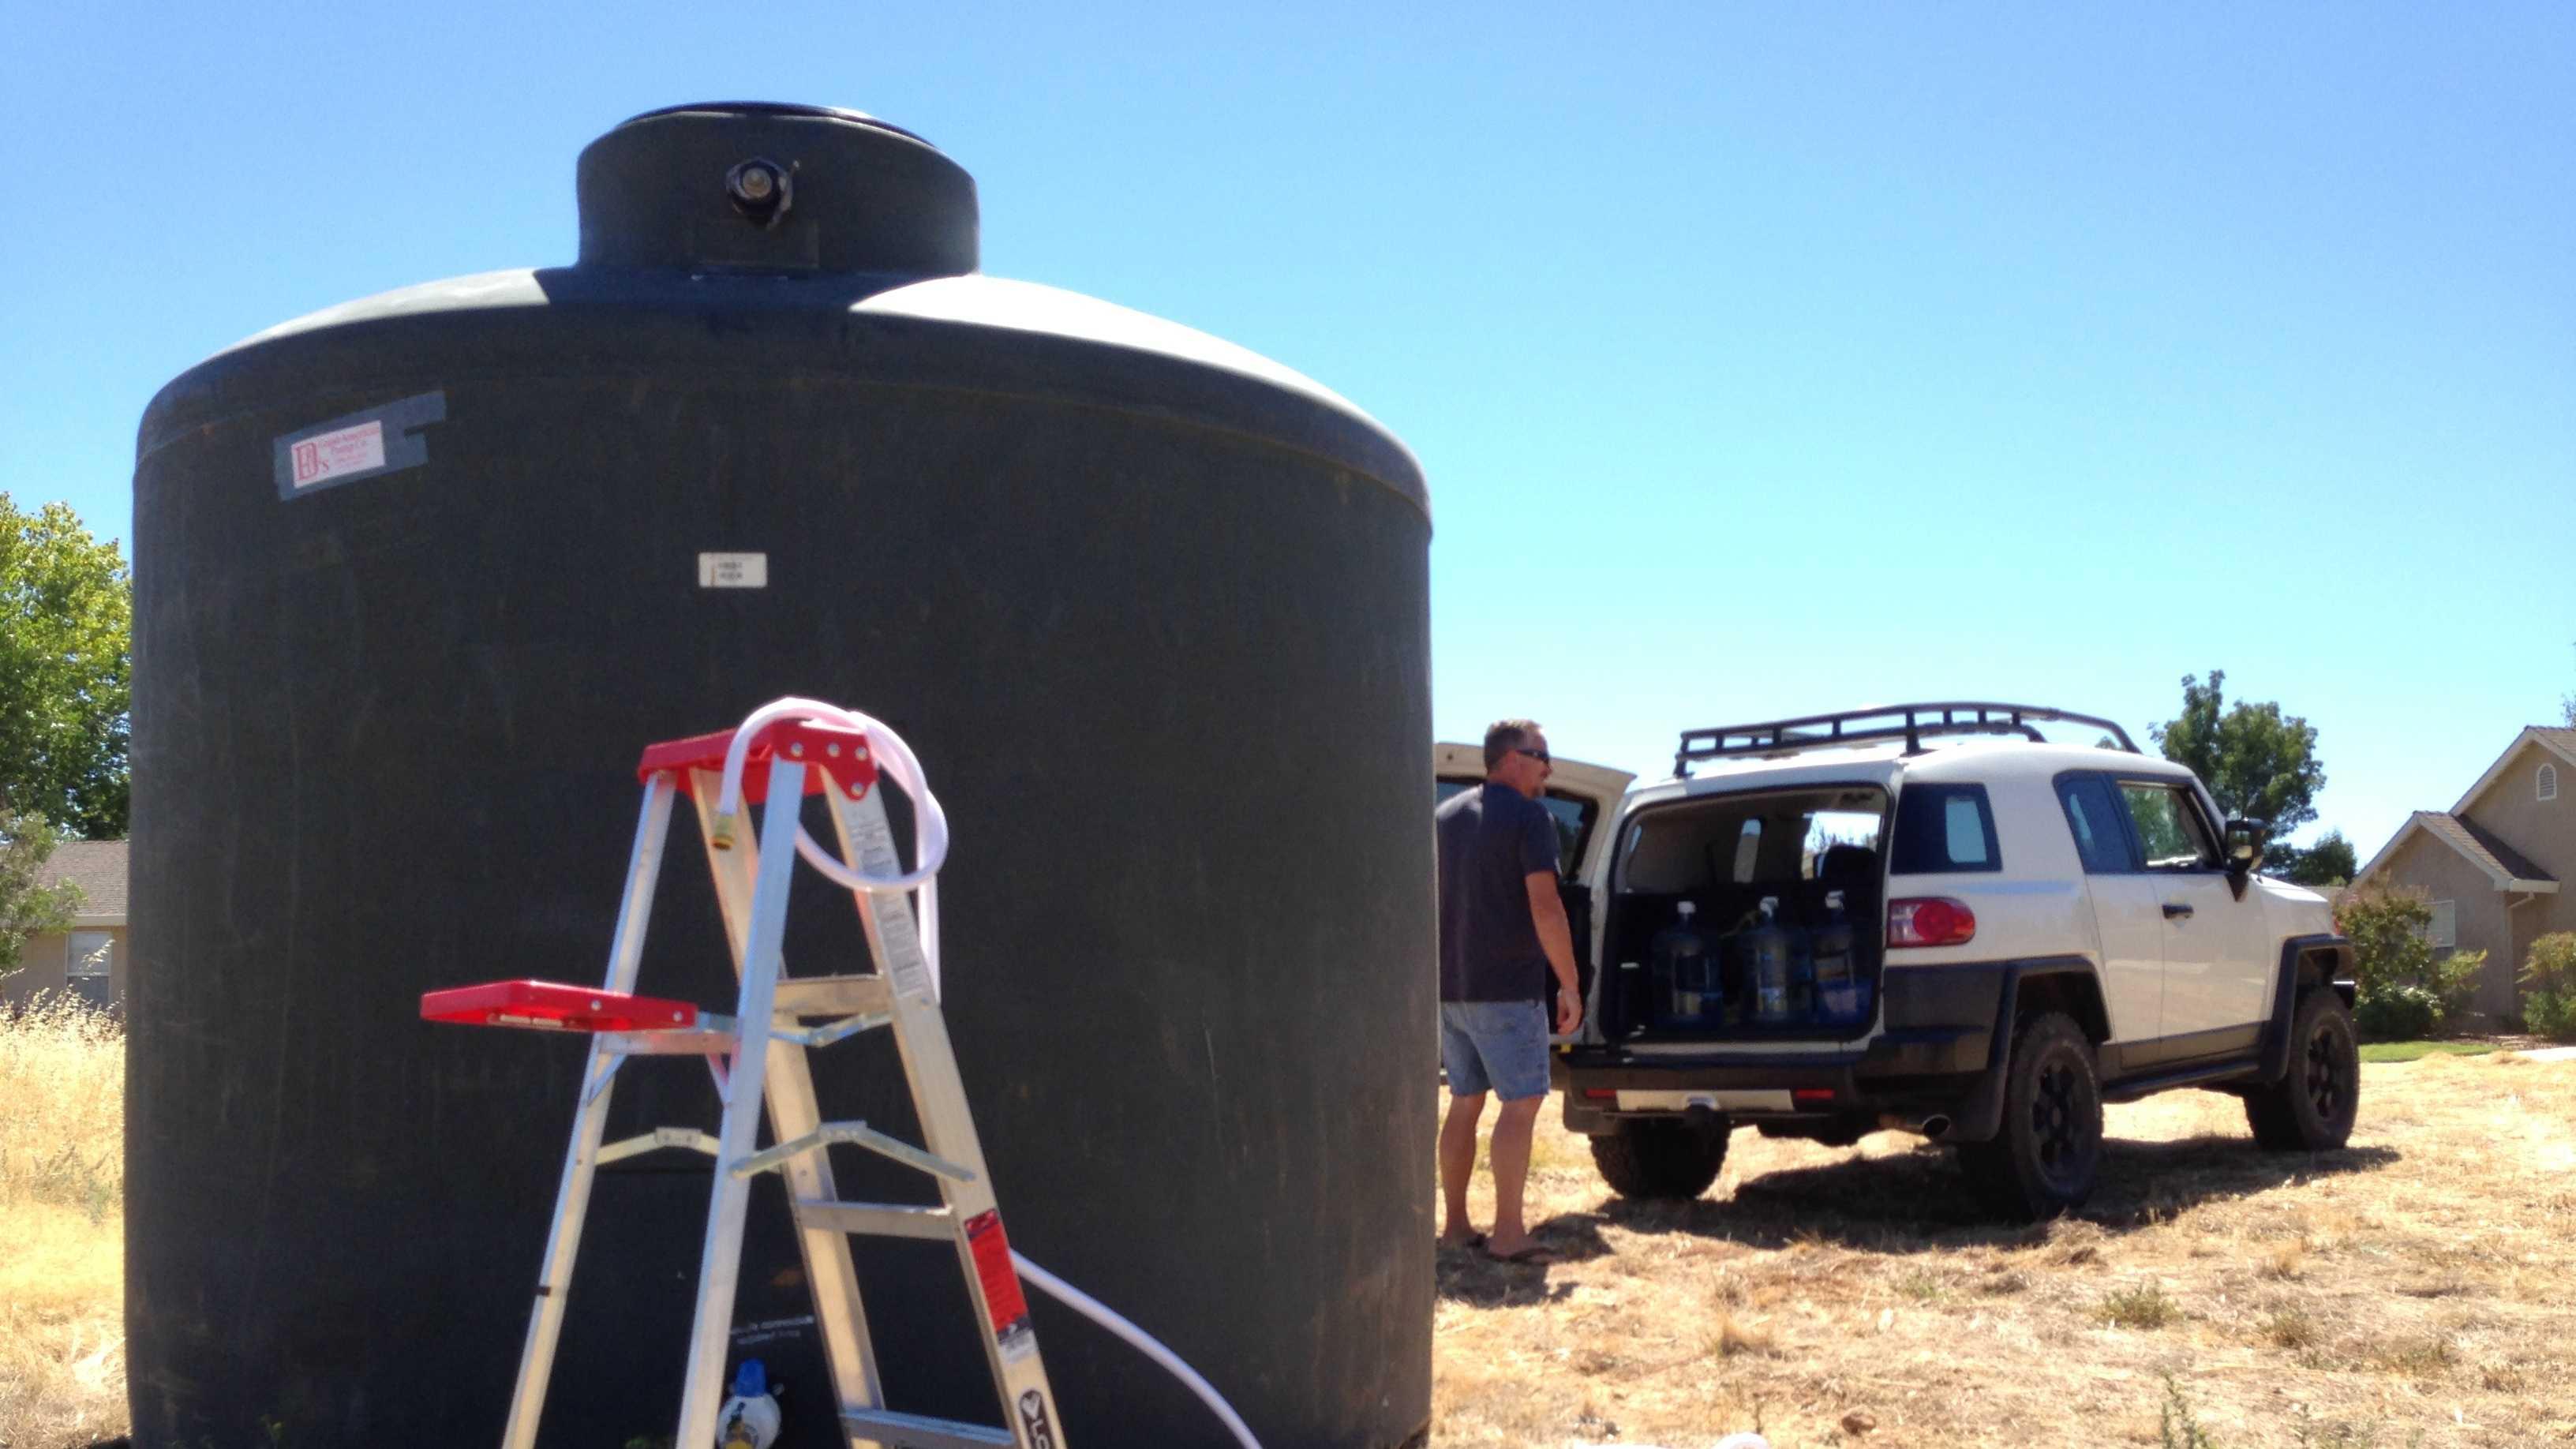 Temporary water tank